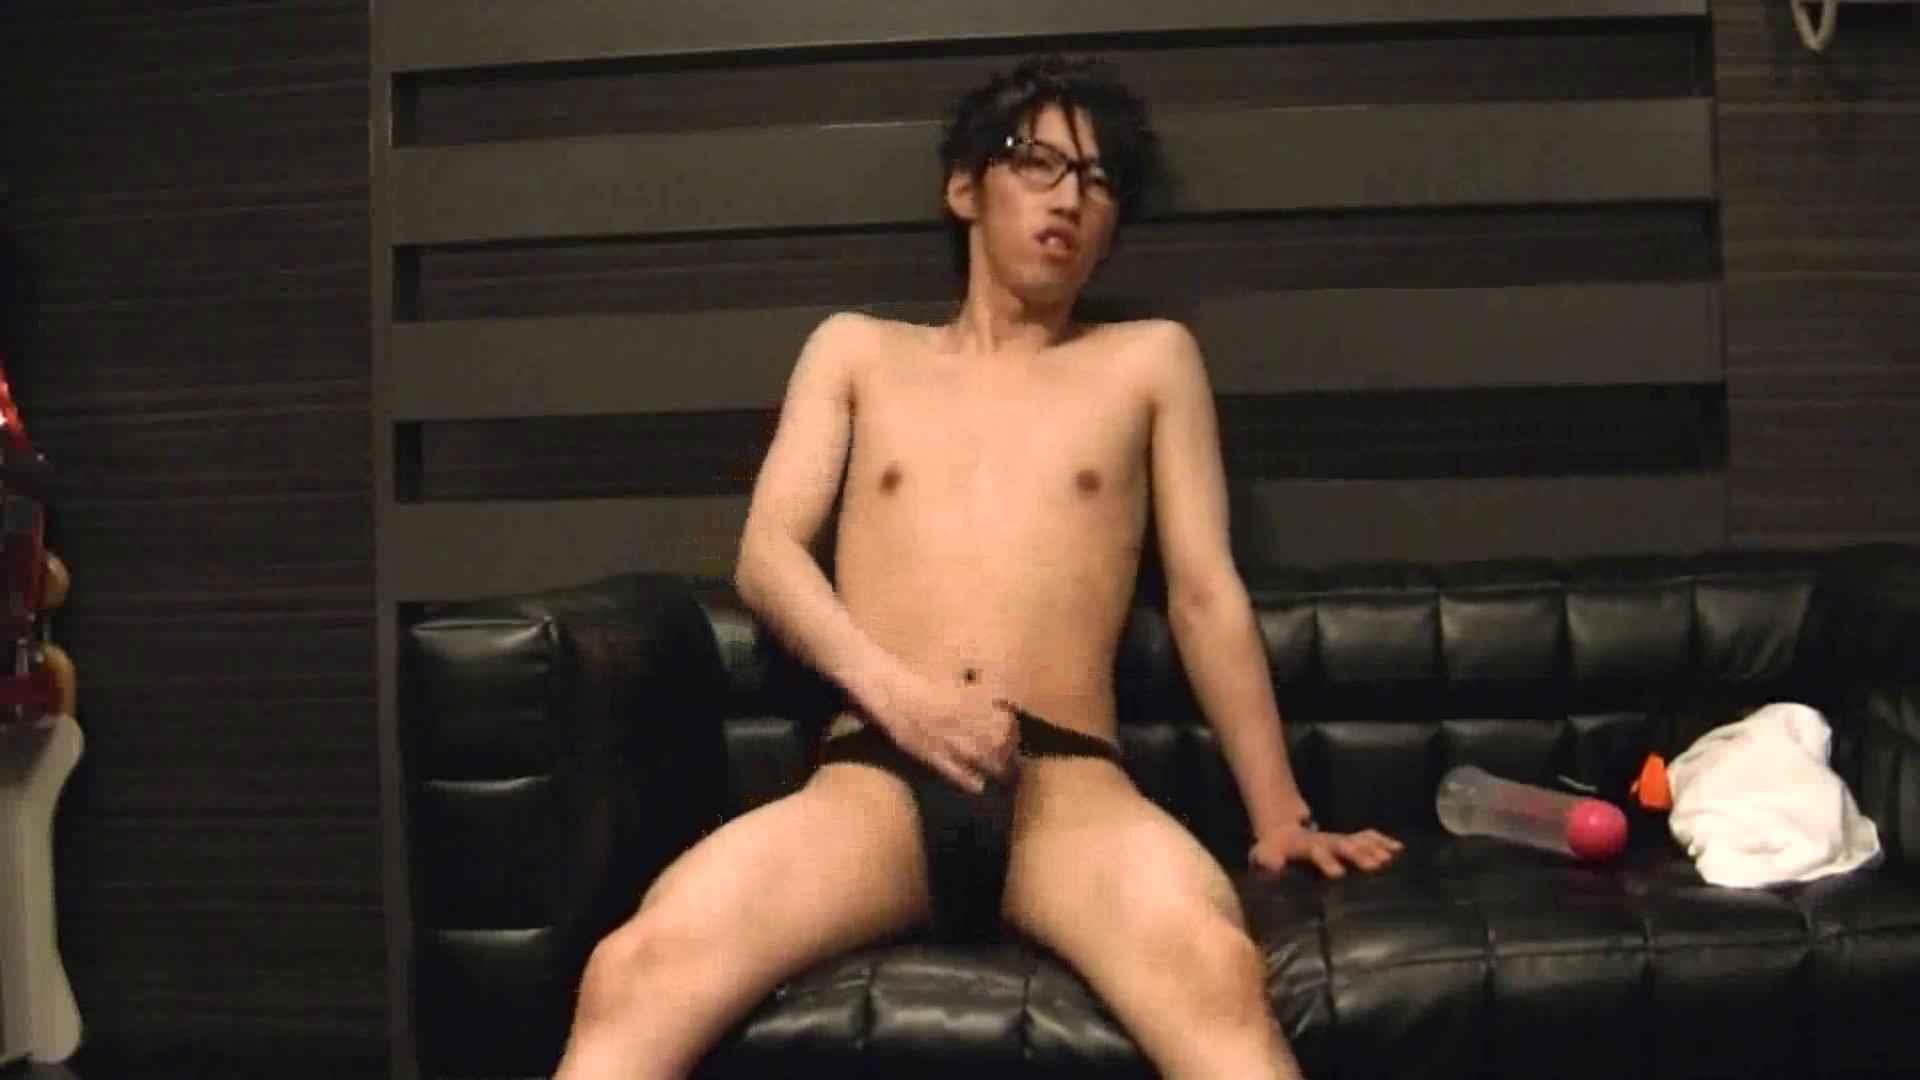 ONA見せカーニバル!! Vol3 男・男   モザイク無し ゲイ無料無修正画像 72pic 43